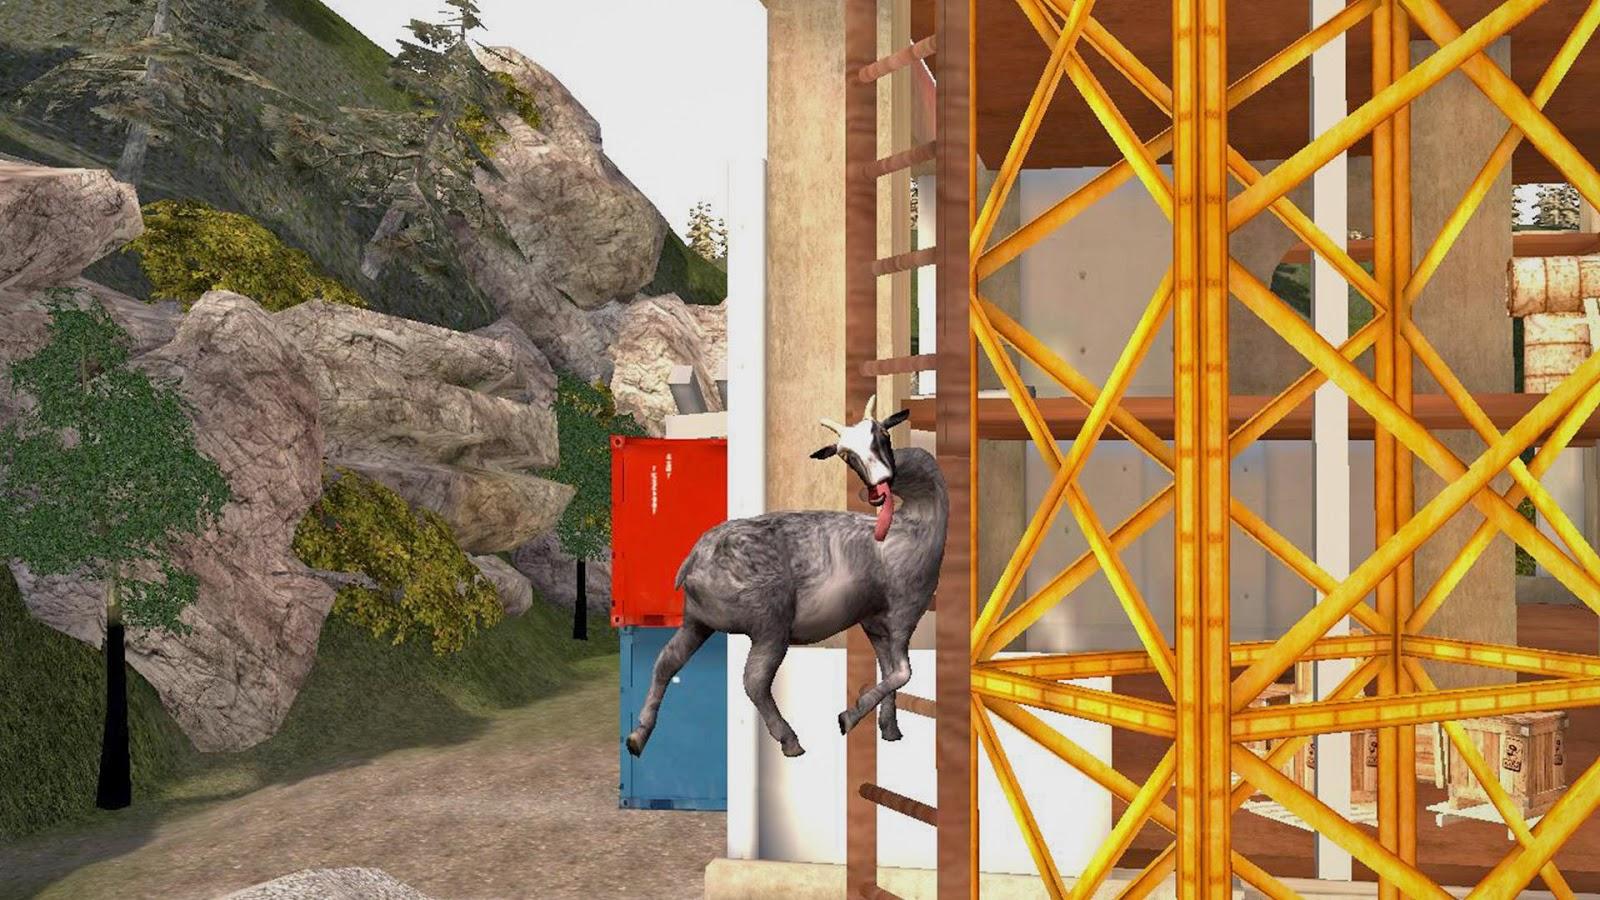 bild 3 5 goat simulator fuer android ios goat simulator